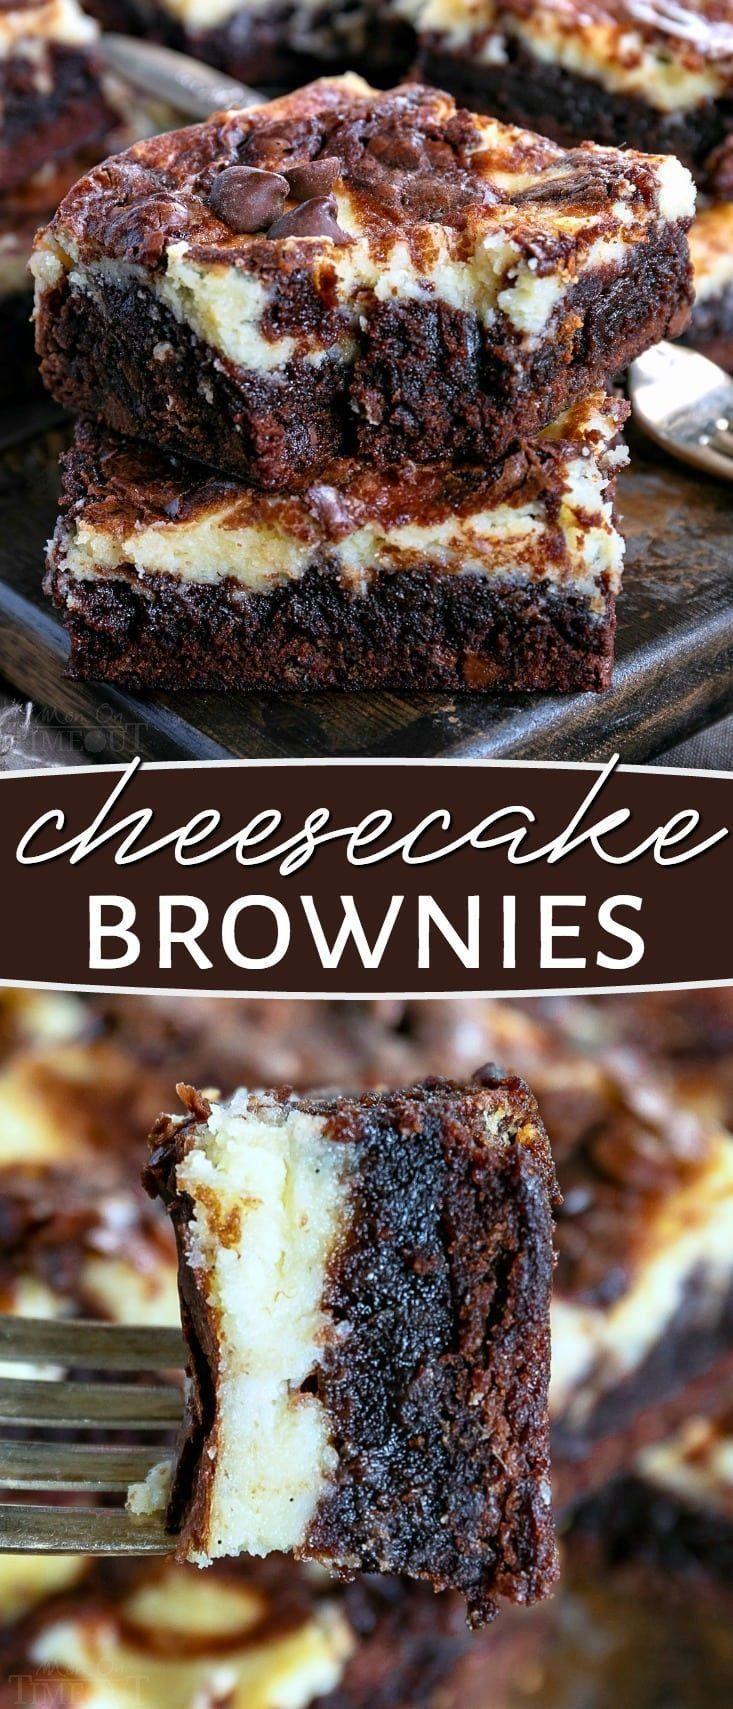 Diese Cheesecake Brownies sind eine köstliche Kombination aus zwei ... - - Desserts -